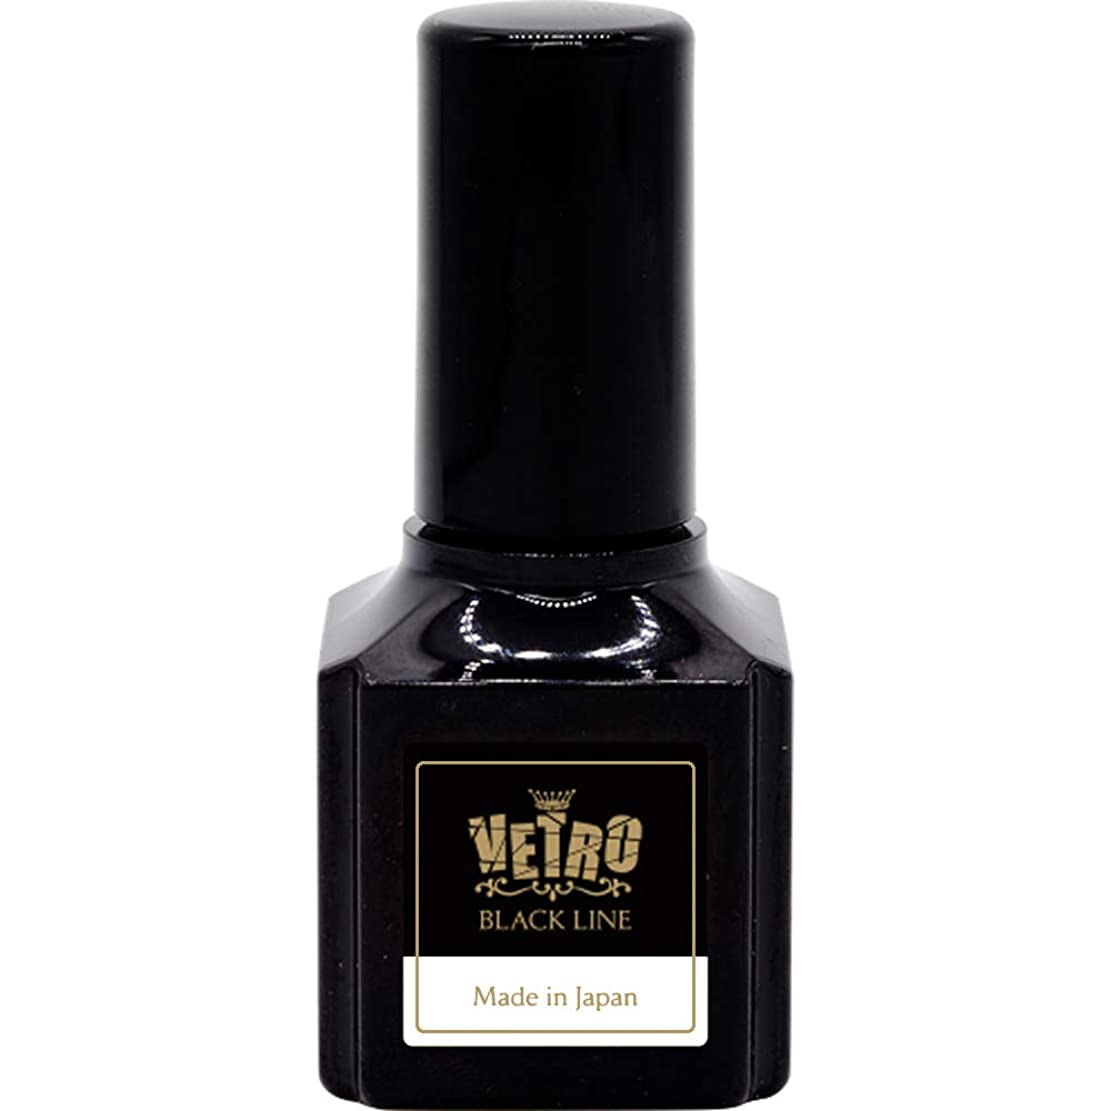 追放鳴らす洋服VETRO GP BLACK LINE カラージェル B150 ブラックパール 16ml UV/LED対応 ソークオフジェル